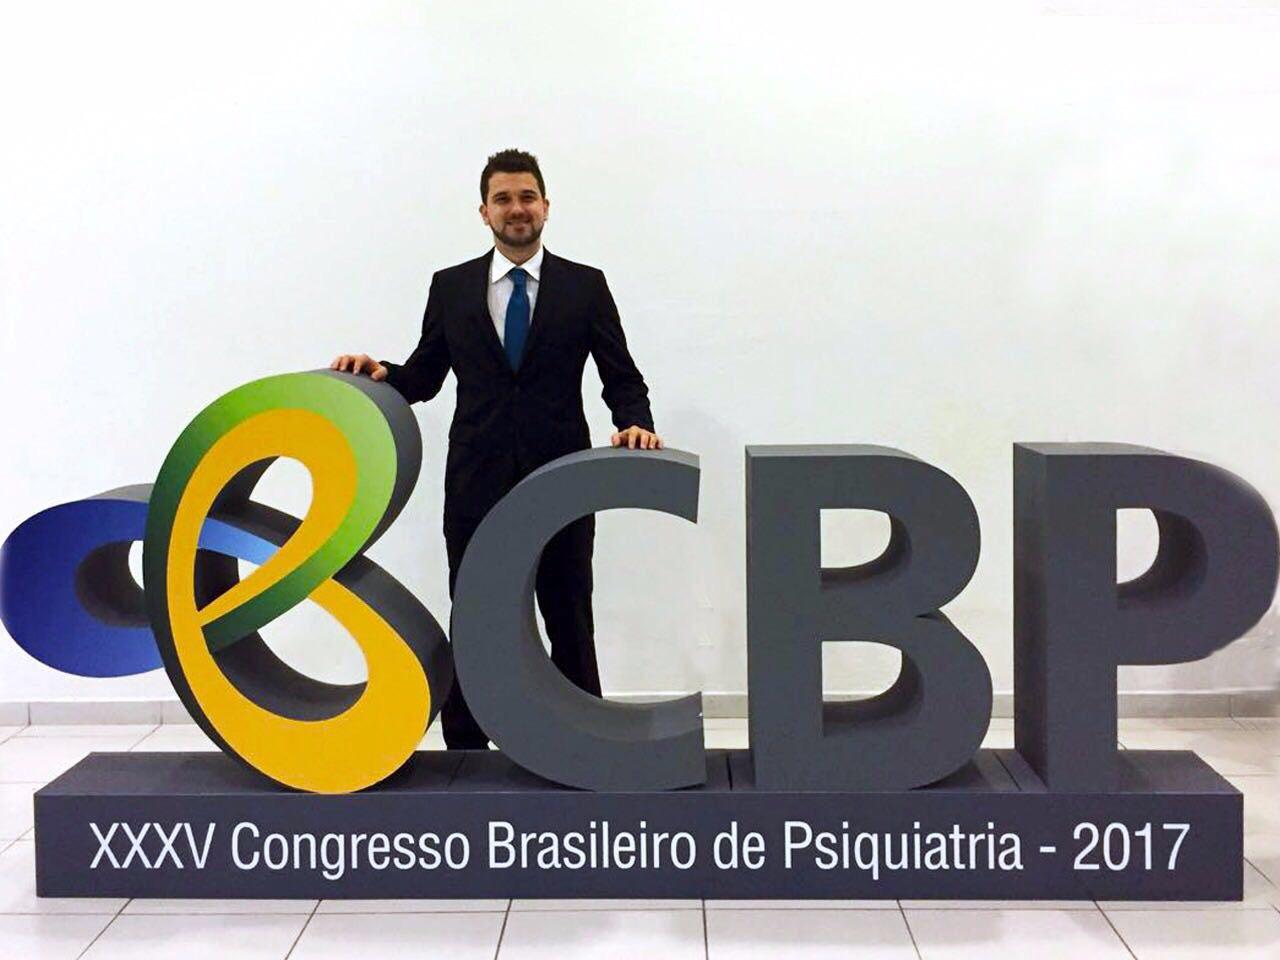 1 Congresso 2017 São Paulo 1 1 - Mesa Redonda de Psiquiatria do Esporte no Congresso Brasileiro de Psiquiatria em SP